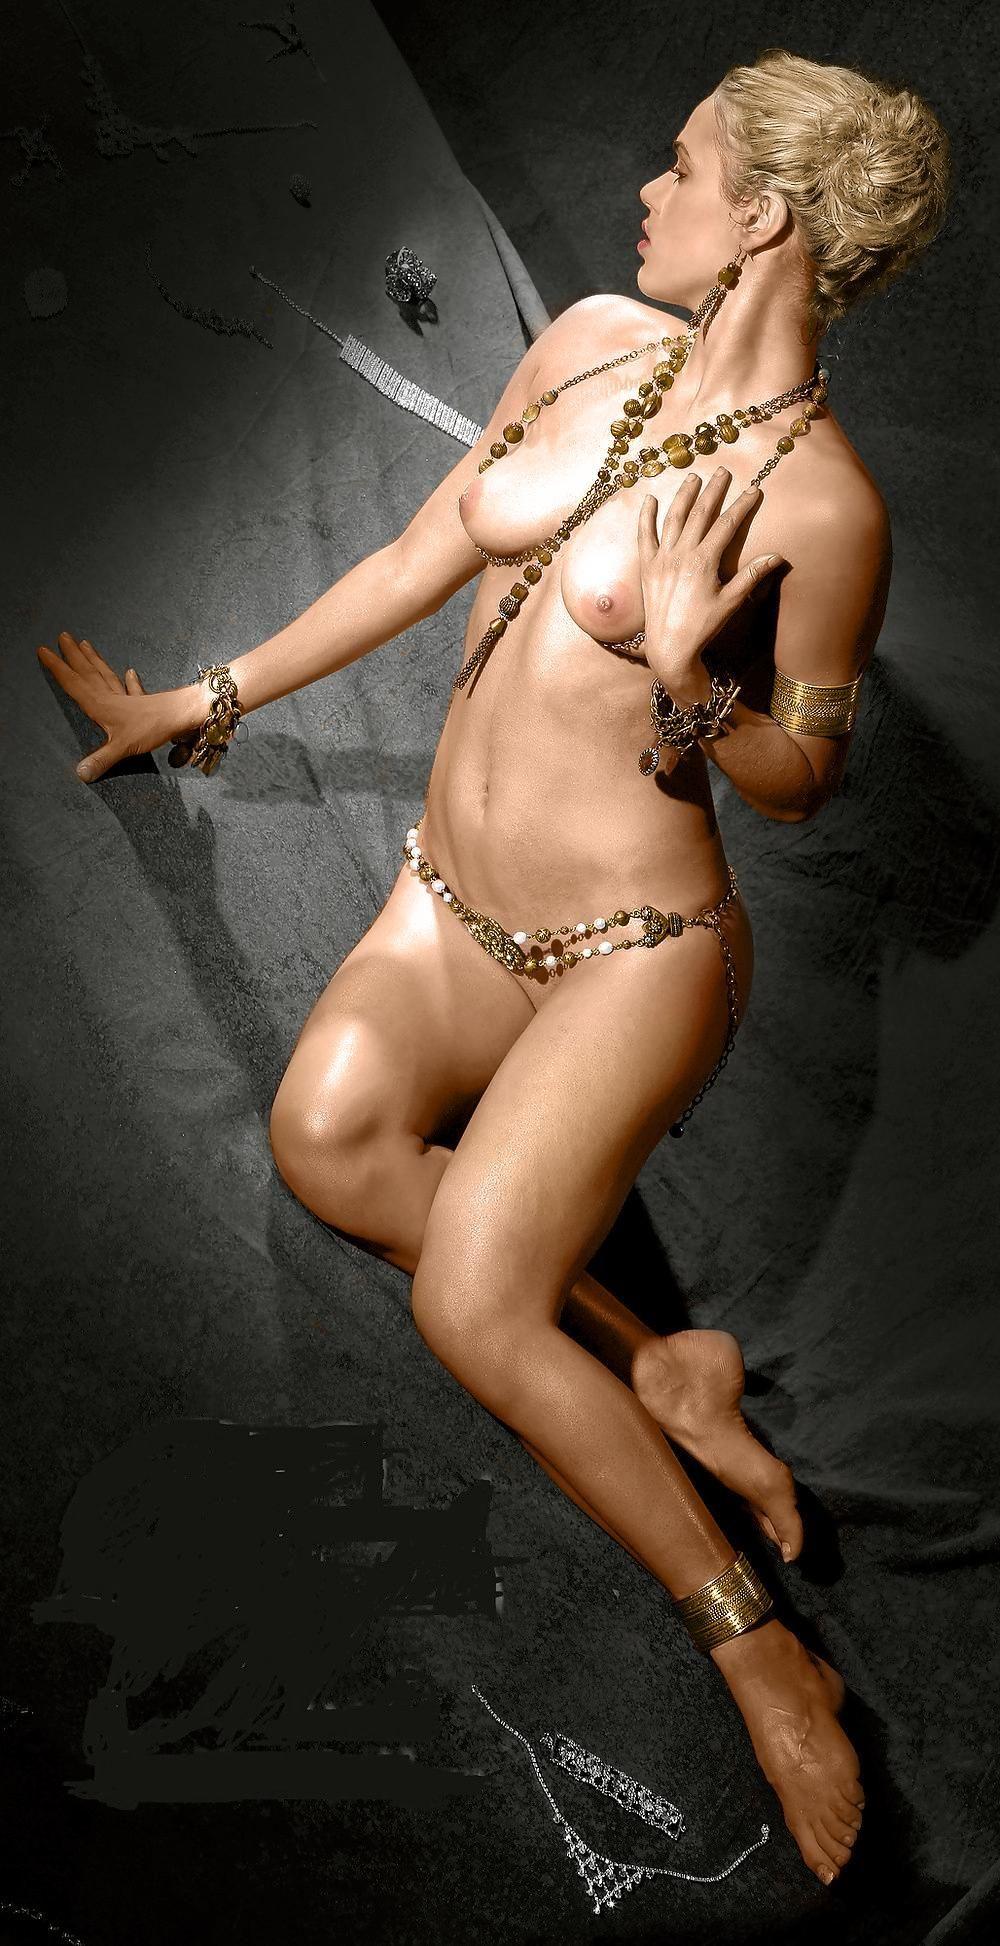 best of Wwe nude fakes Summer rae